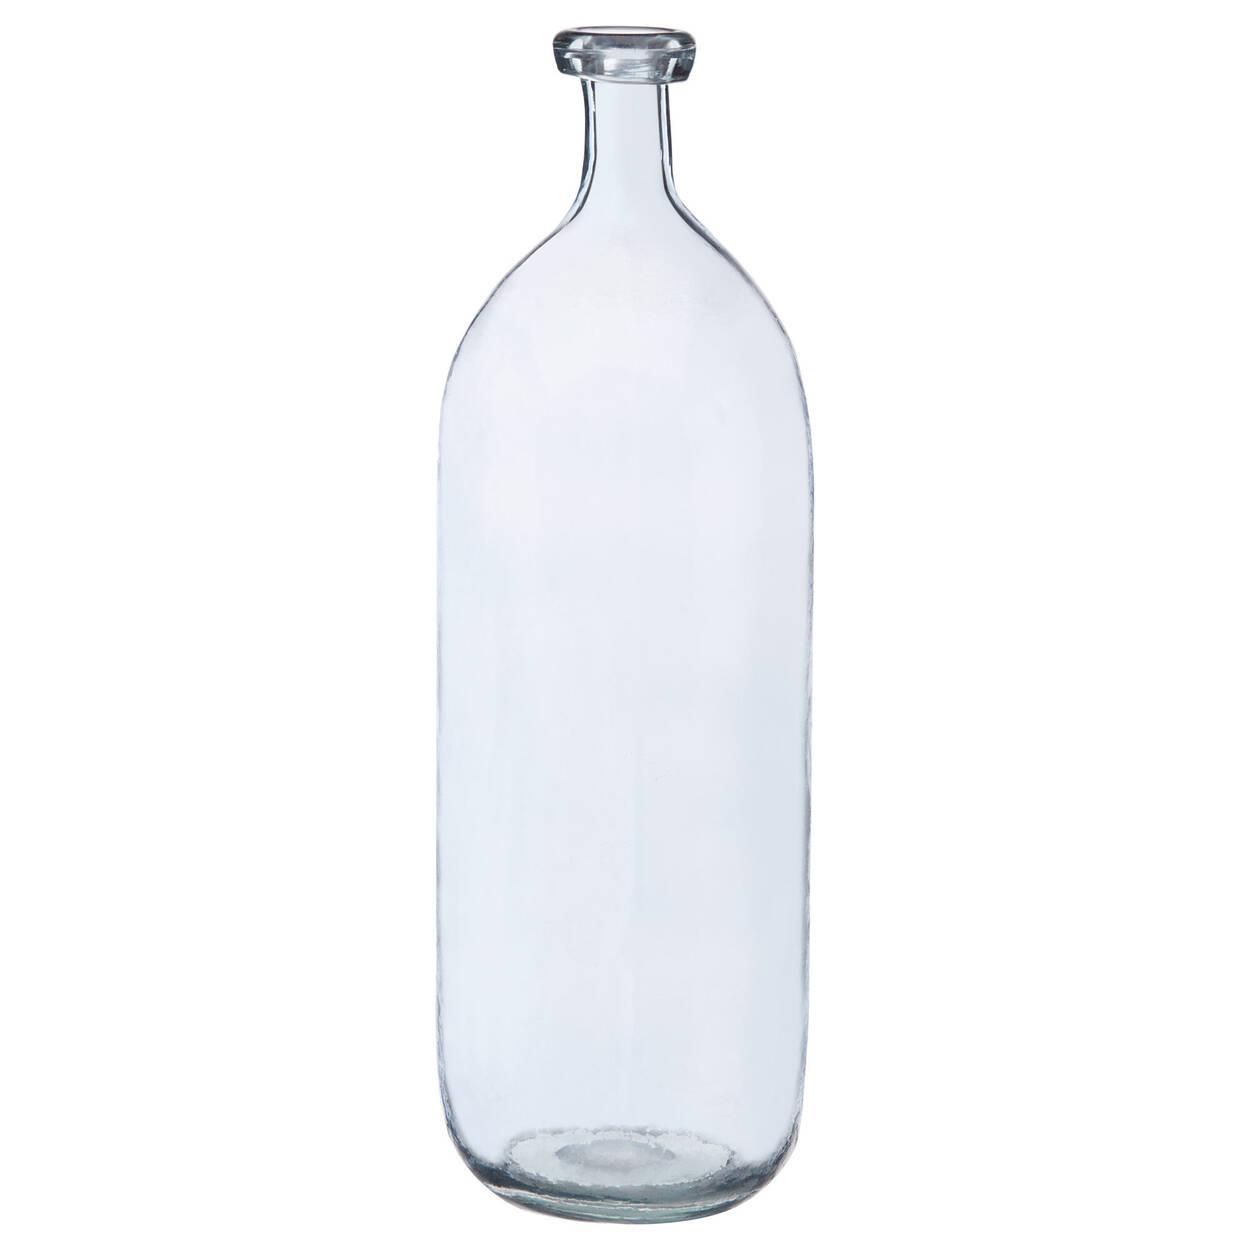 Vase bouteille en verre